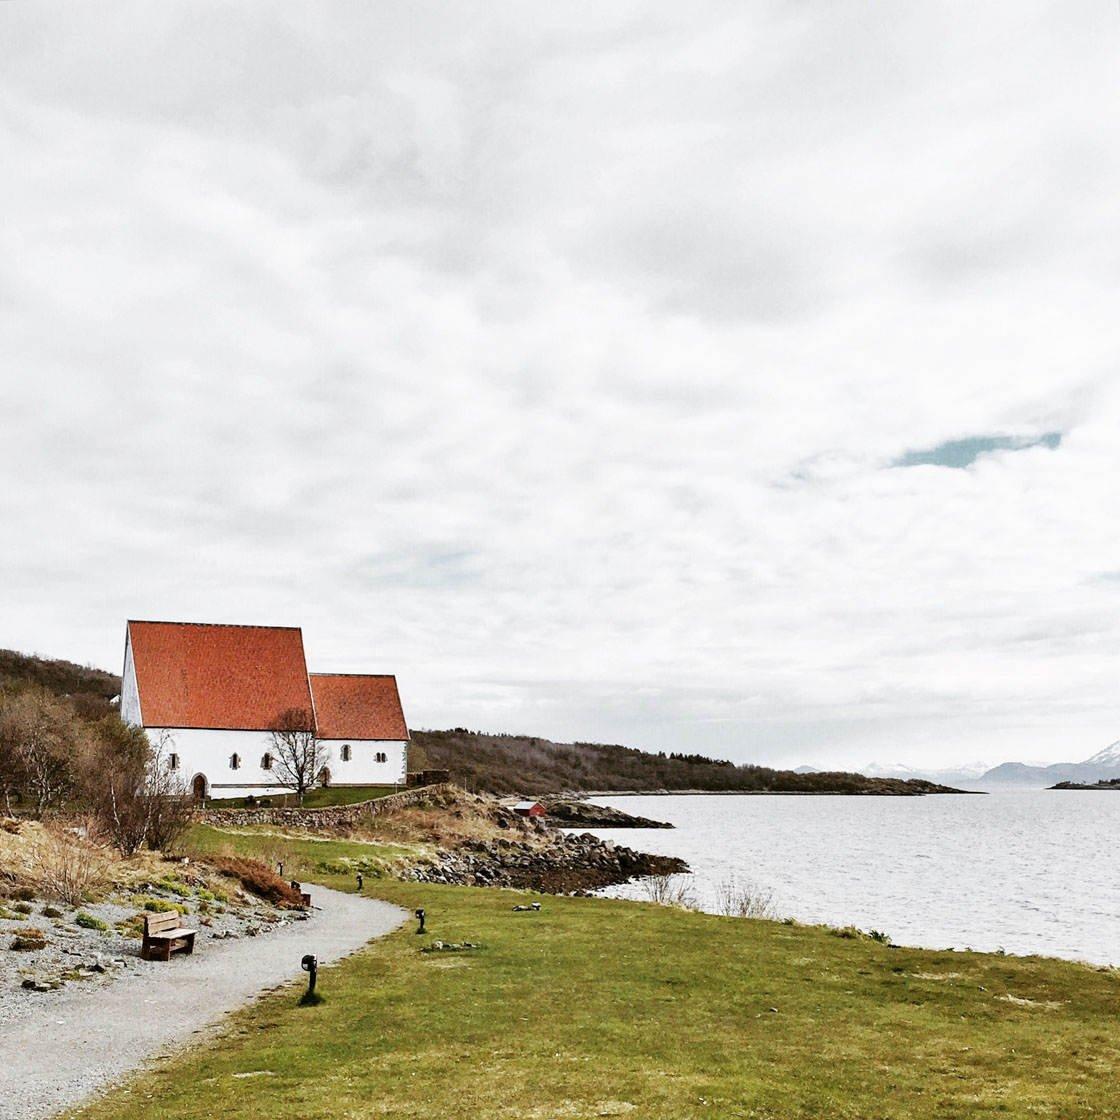 iPhone Landscape Photos With Buildings 15 no script